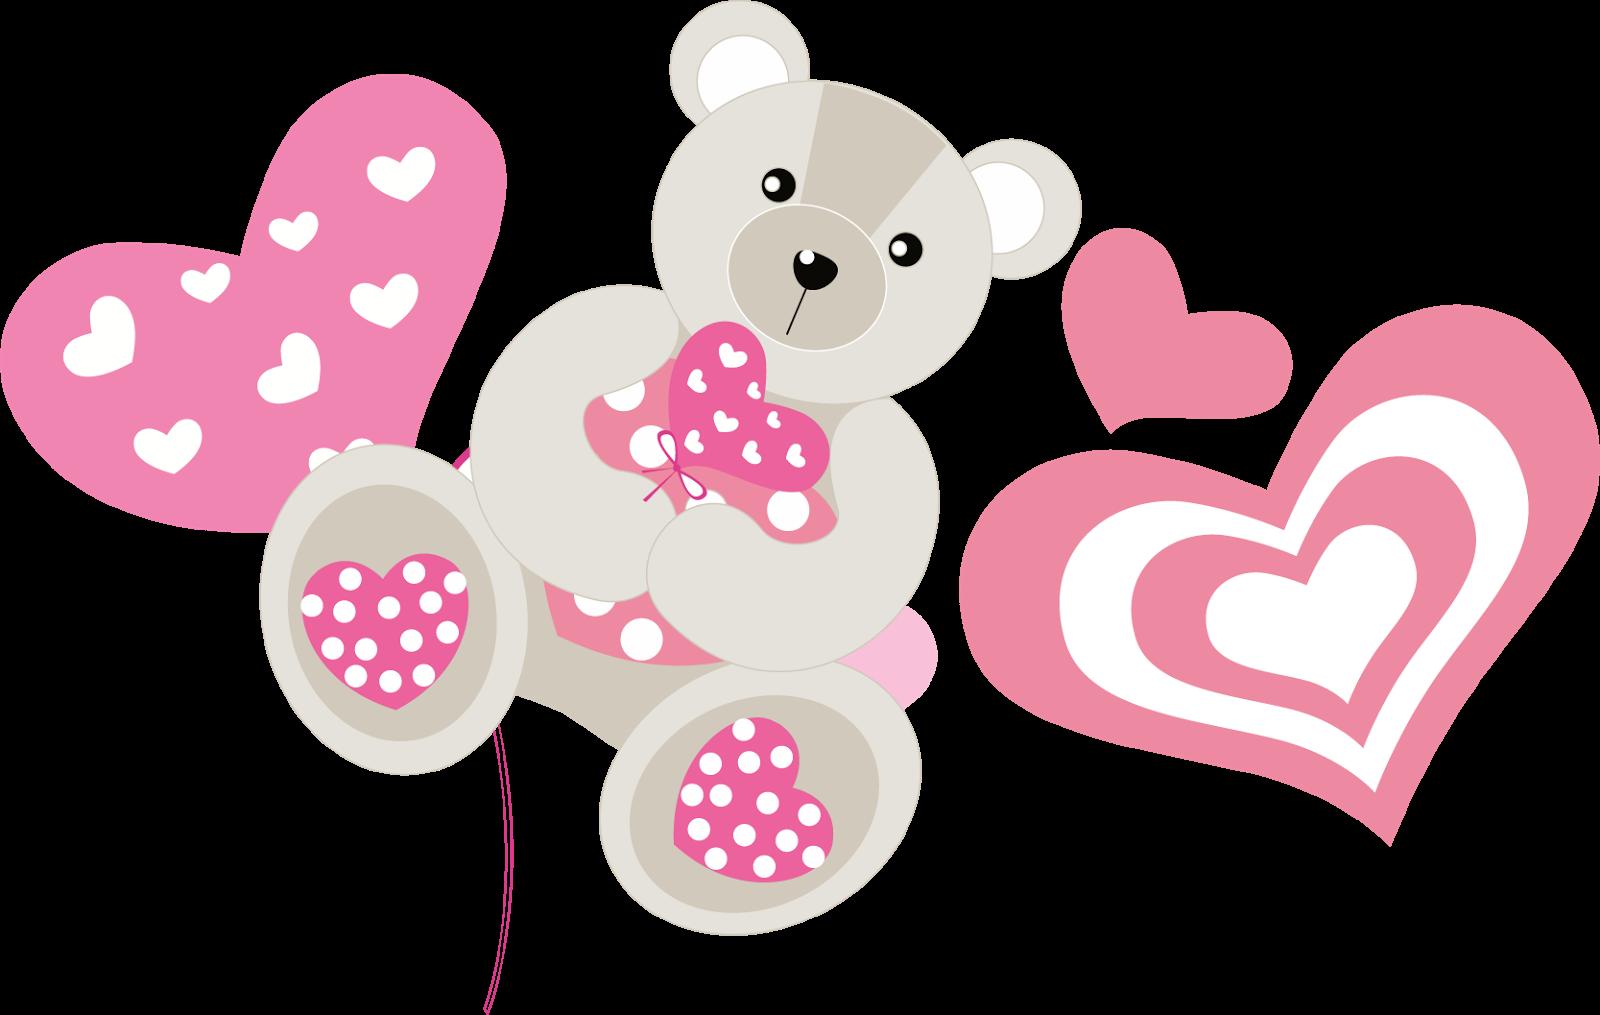 Oso Con Corazon Para Imprimir Imagenes Y Dibujos Para Imprimir Minnie Valentines Novelty